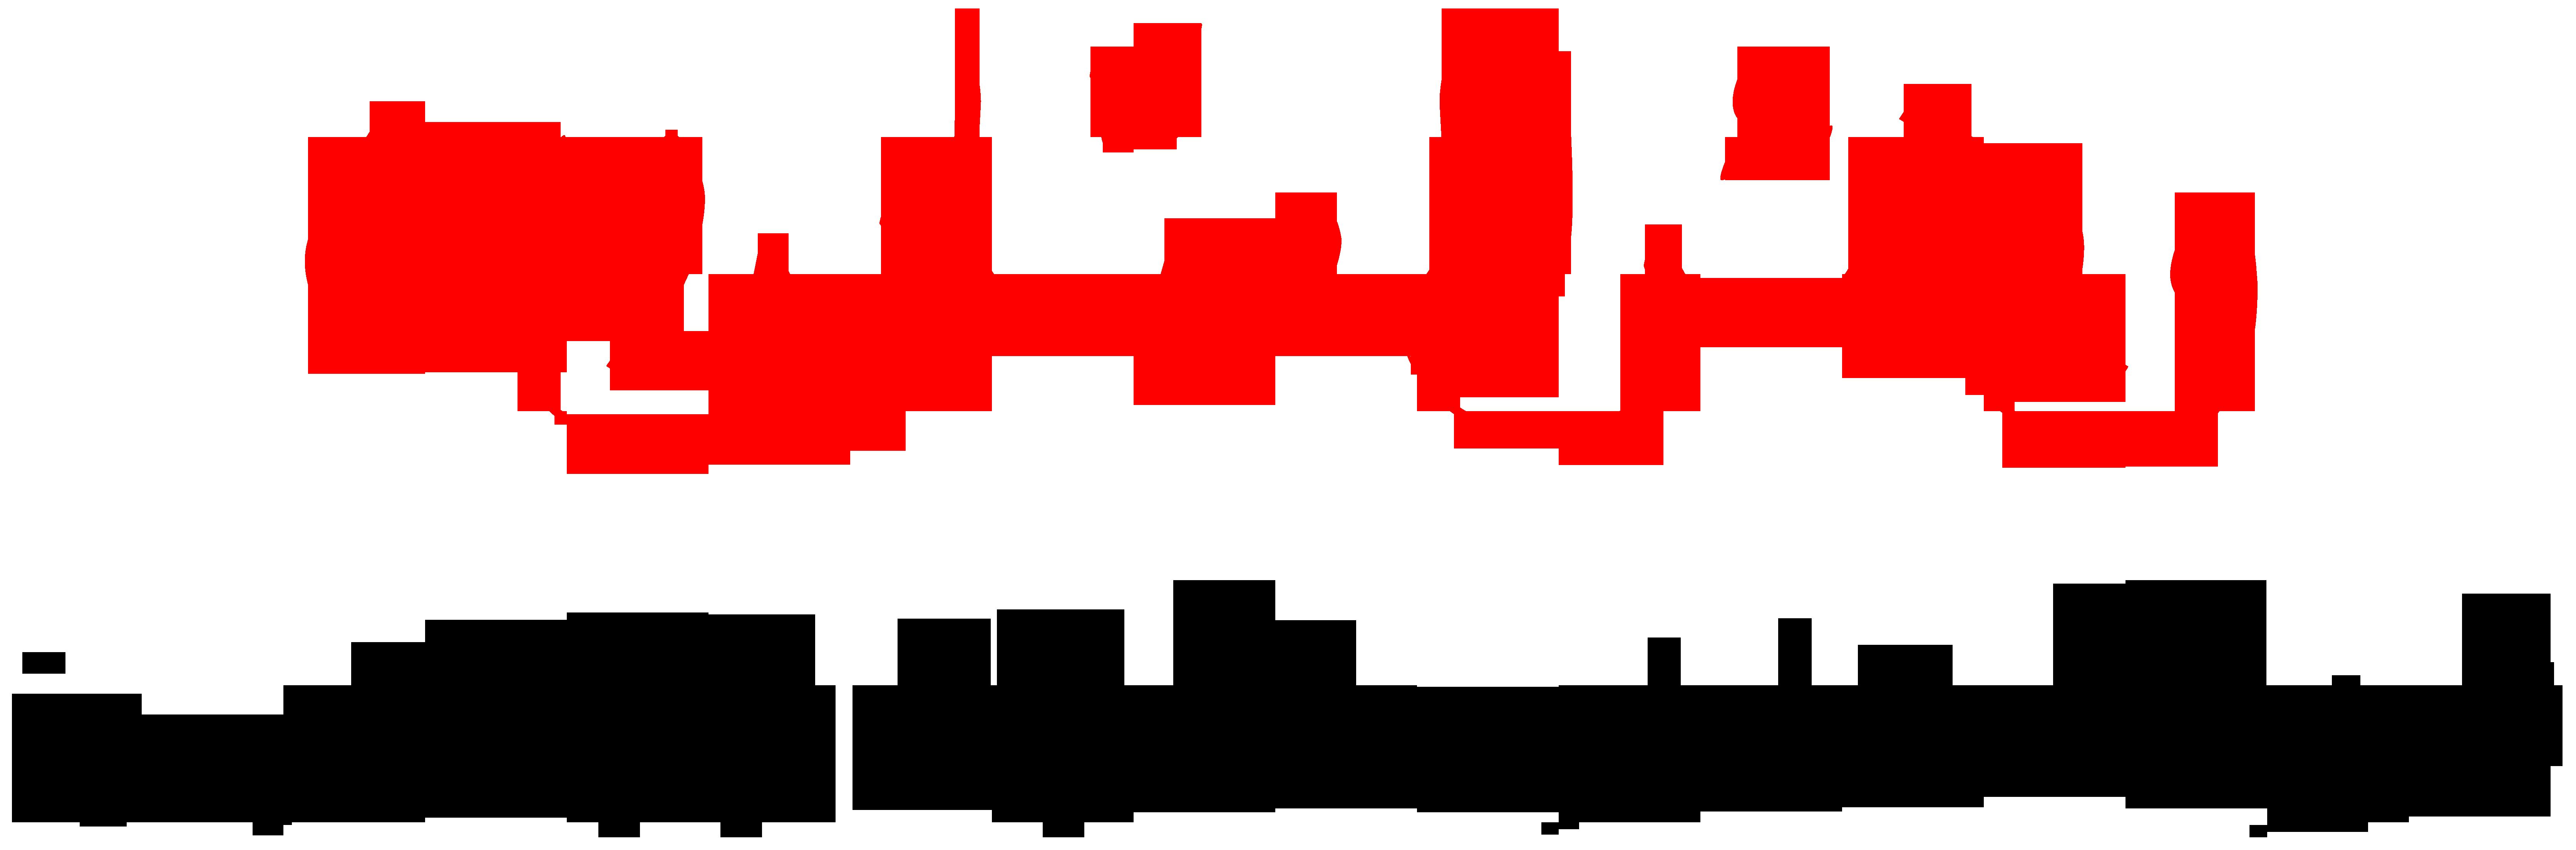 تعزية: وفاة الحاج العربي الوزاني